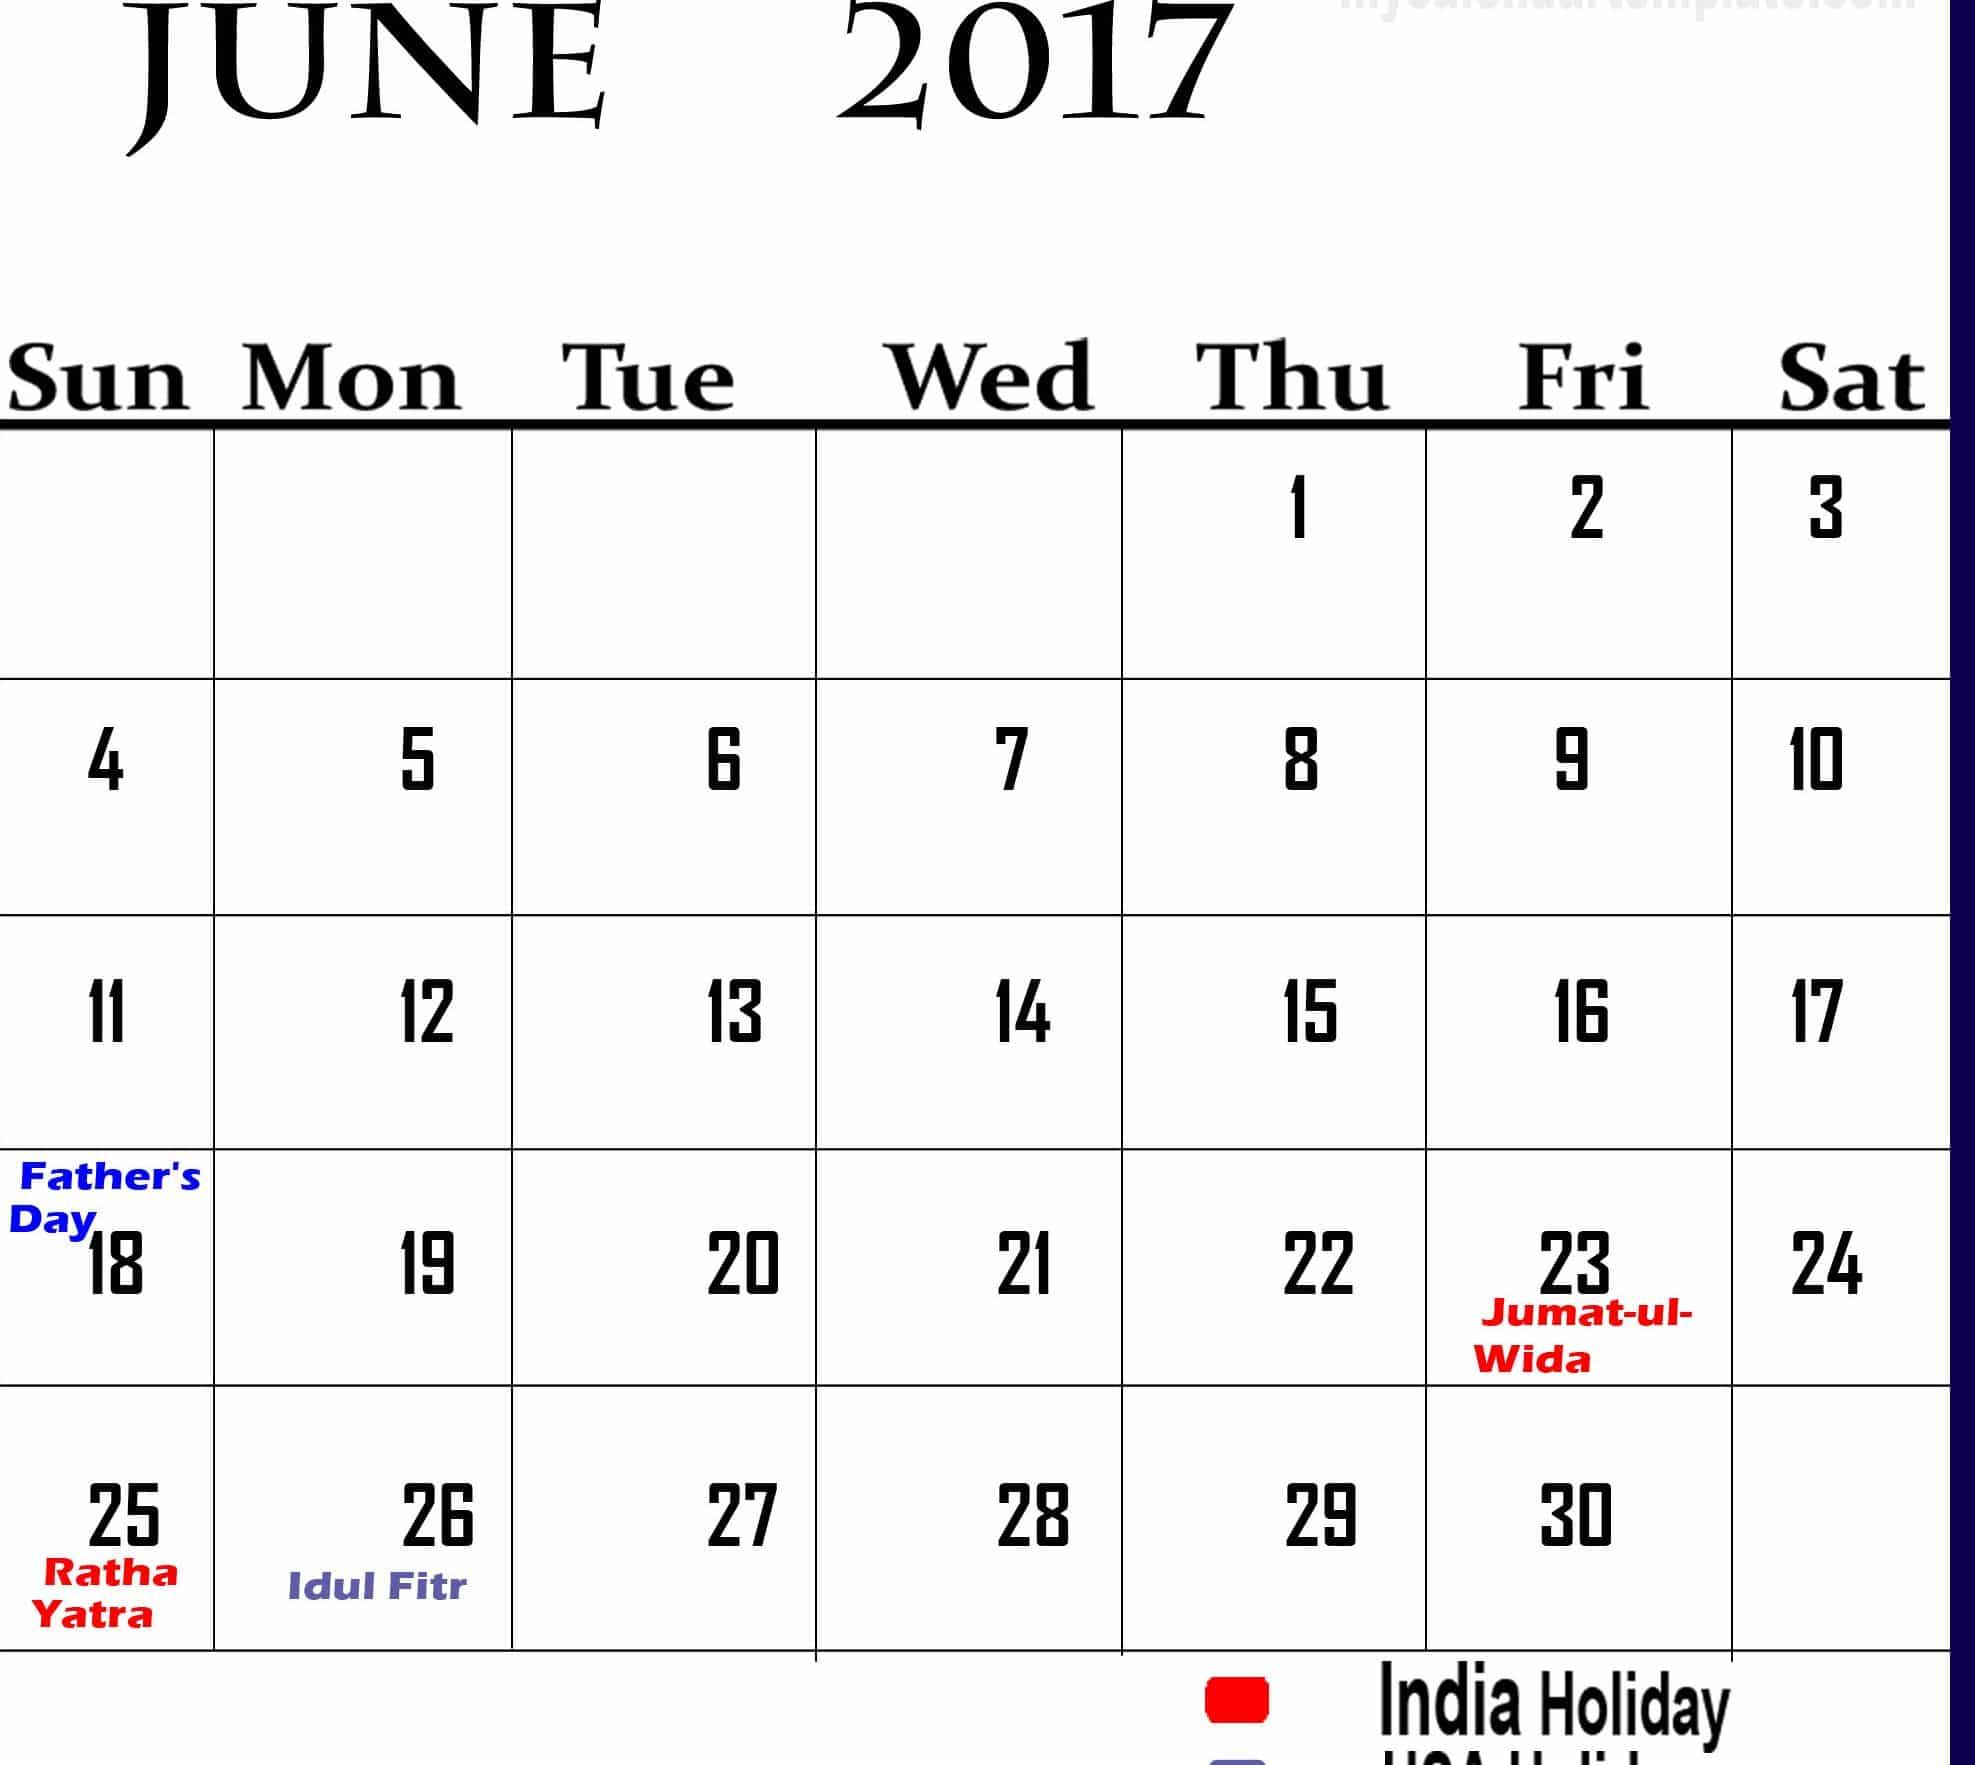 Online June 2017 calendar